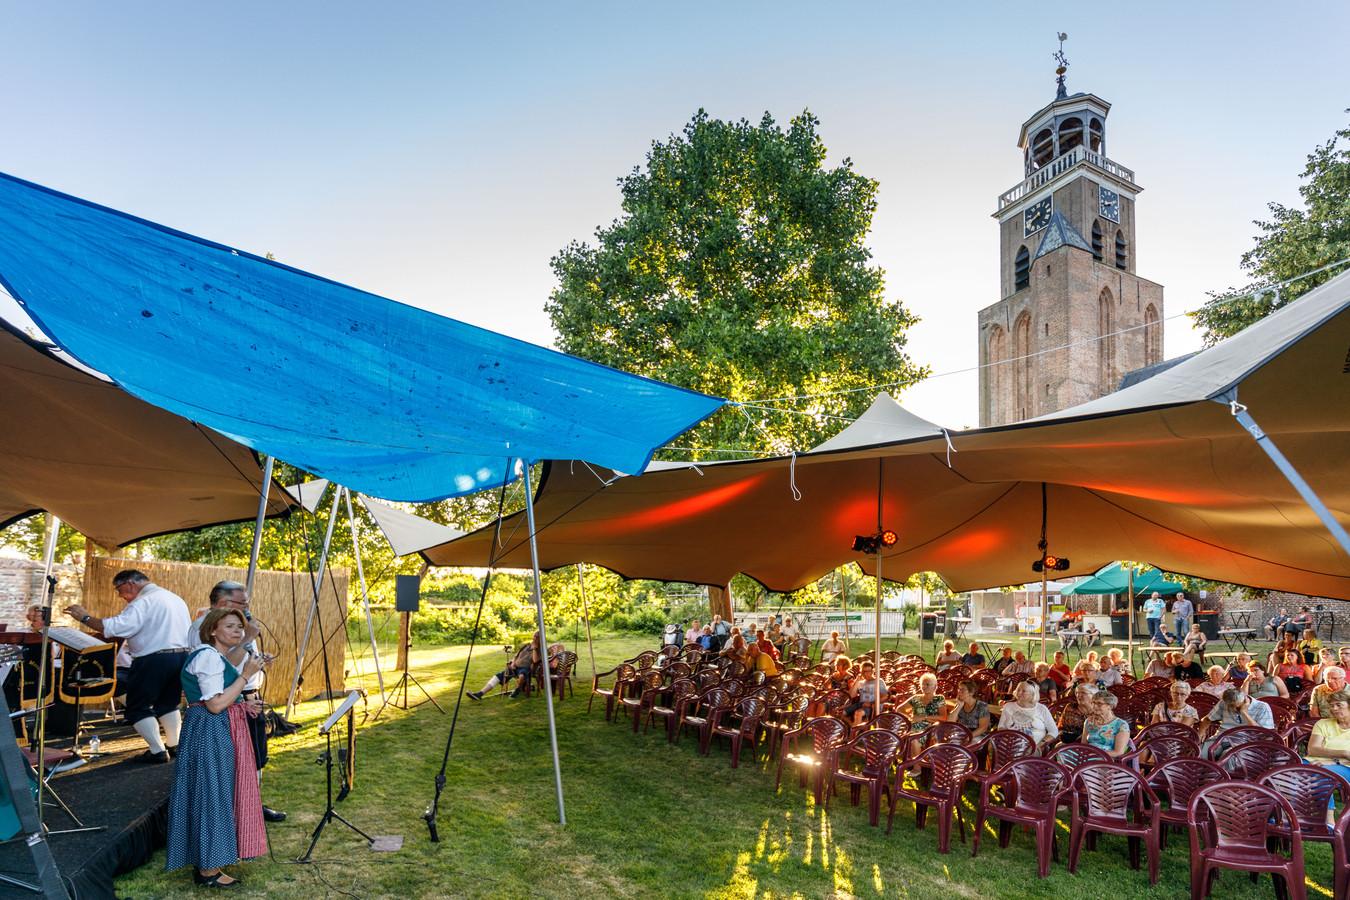 Optreden van het Vollenhoofsch Visserskoor en de Toutenburgher Muzikanten in Vollenhove tijdens het Openluchtspektakel.